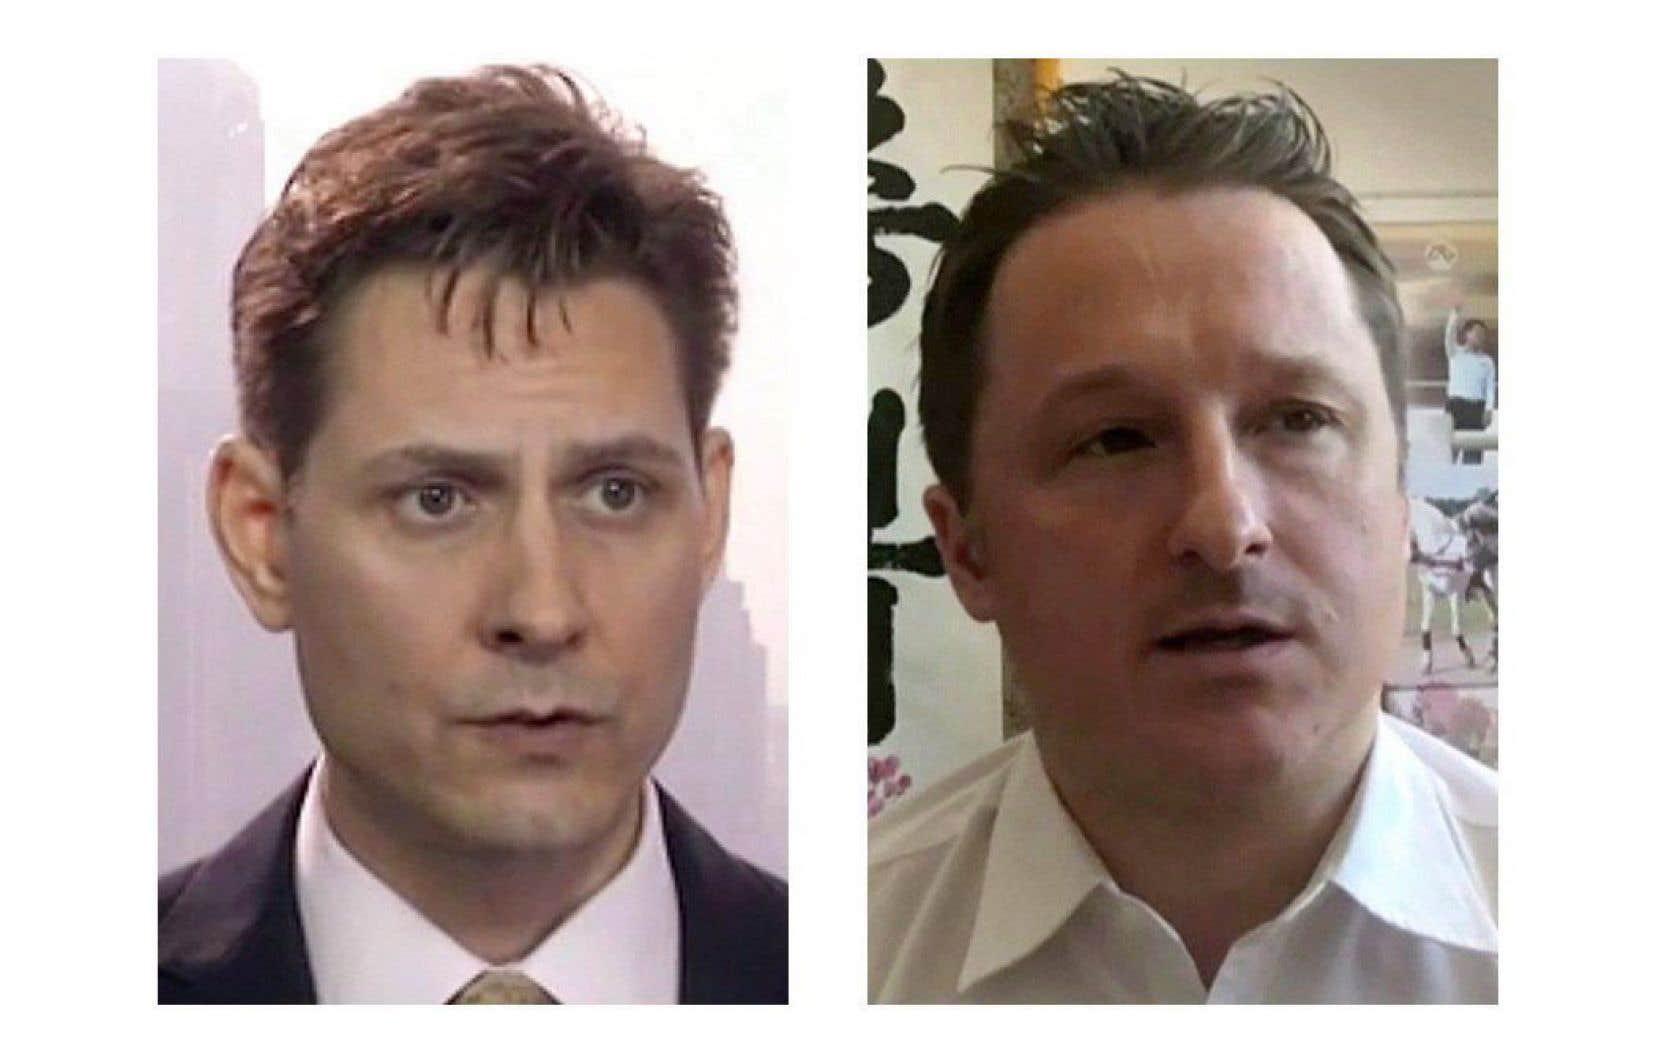 L'arrestation en Chine de Michael Kovrig (à gauche) et de Michael Spavor (à droite) est survenue quelques jours après celle de Meng Wanzhou.